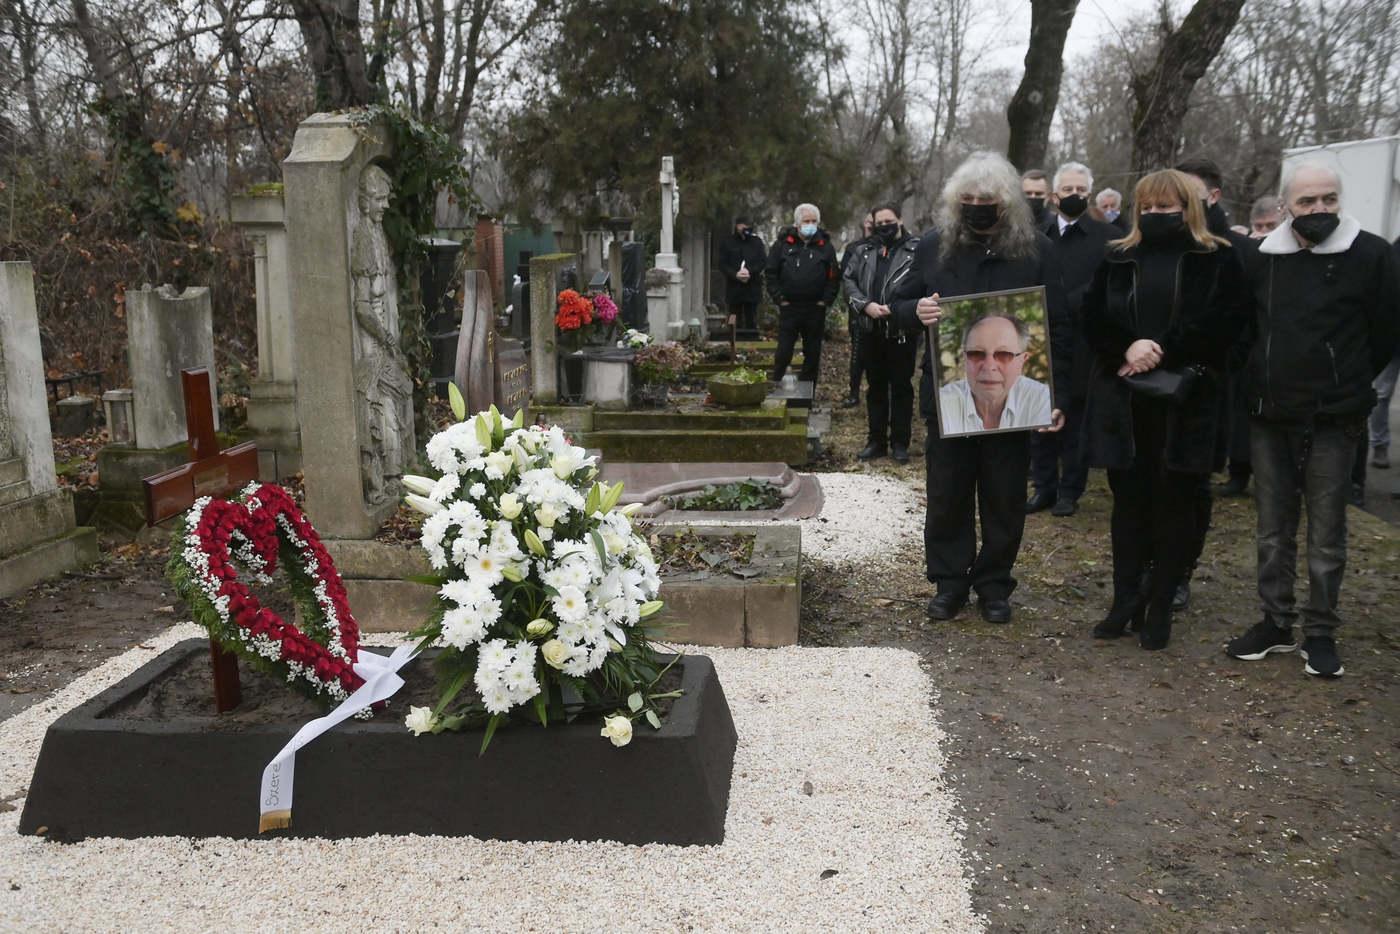 Gyászolók kísérik utolsó útjára Fecót (Fotó: MTI / Koszticsák Szilárd)